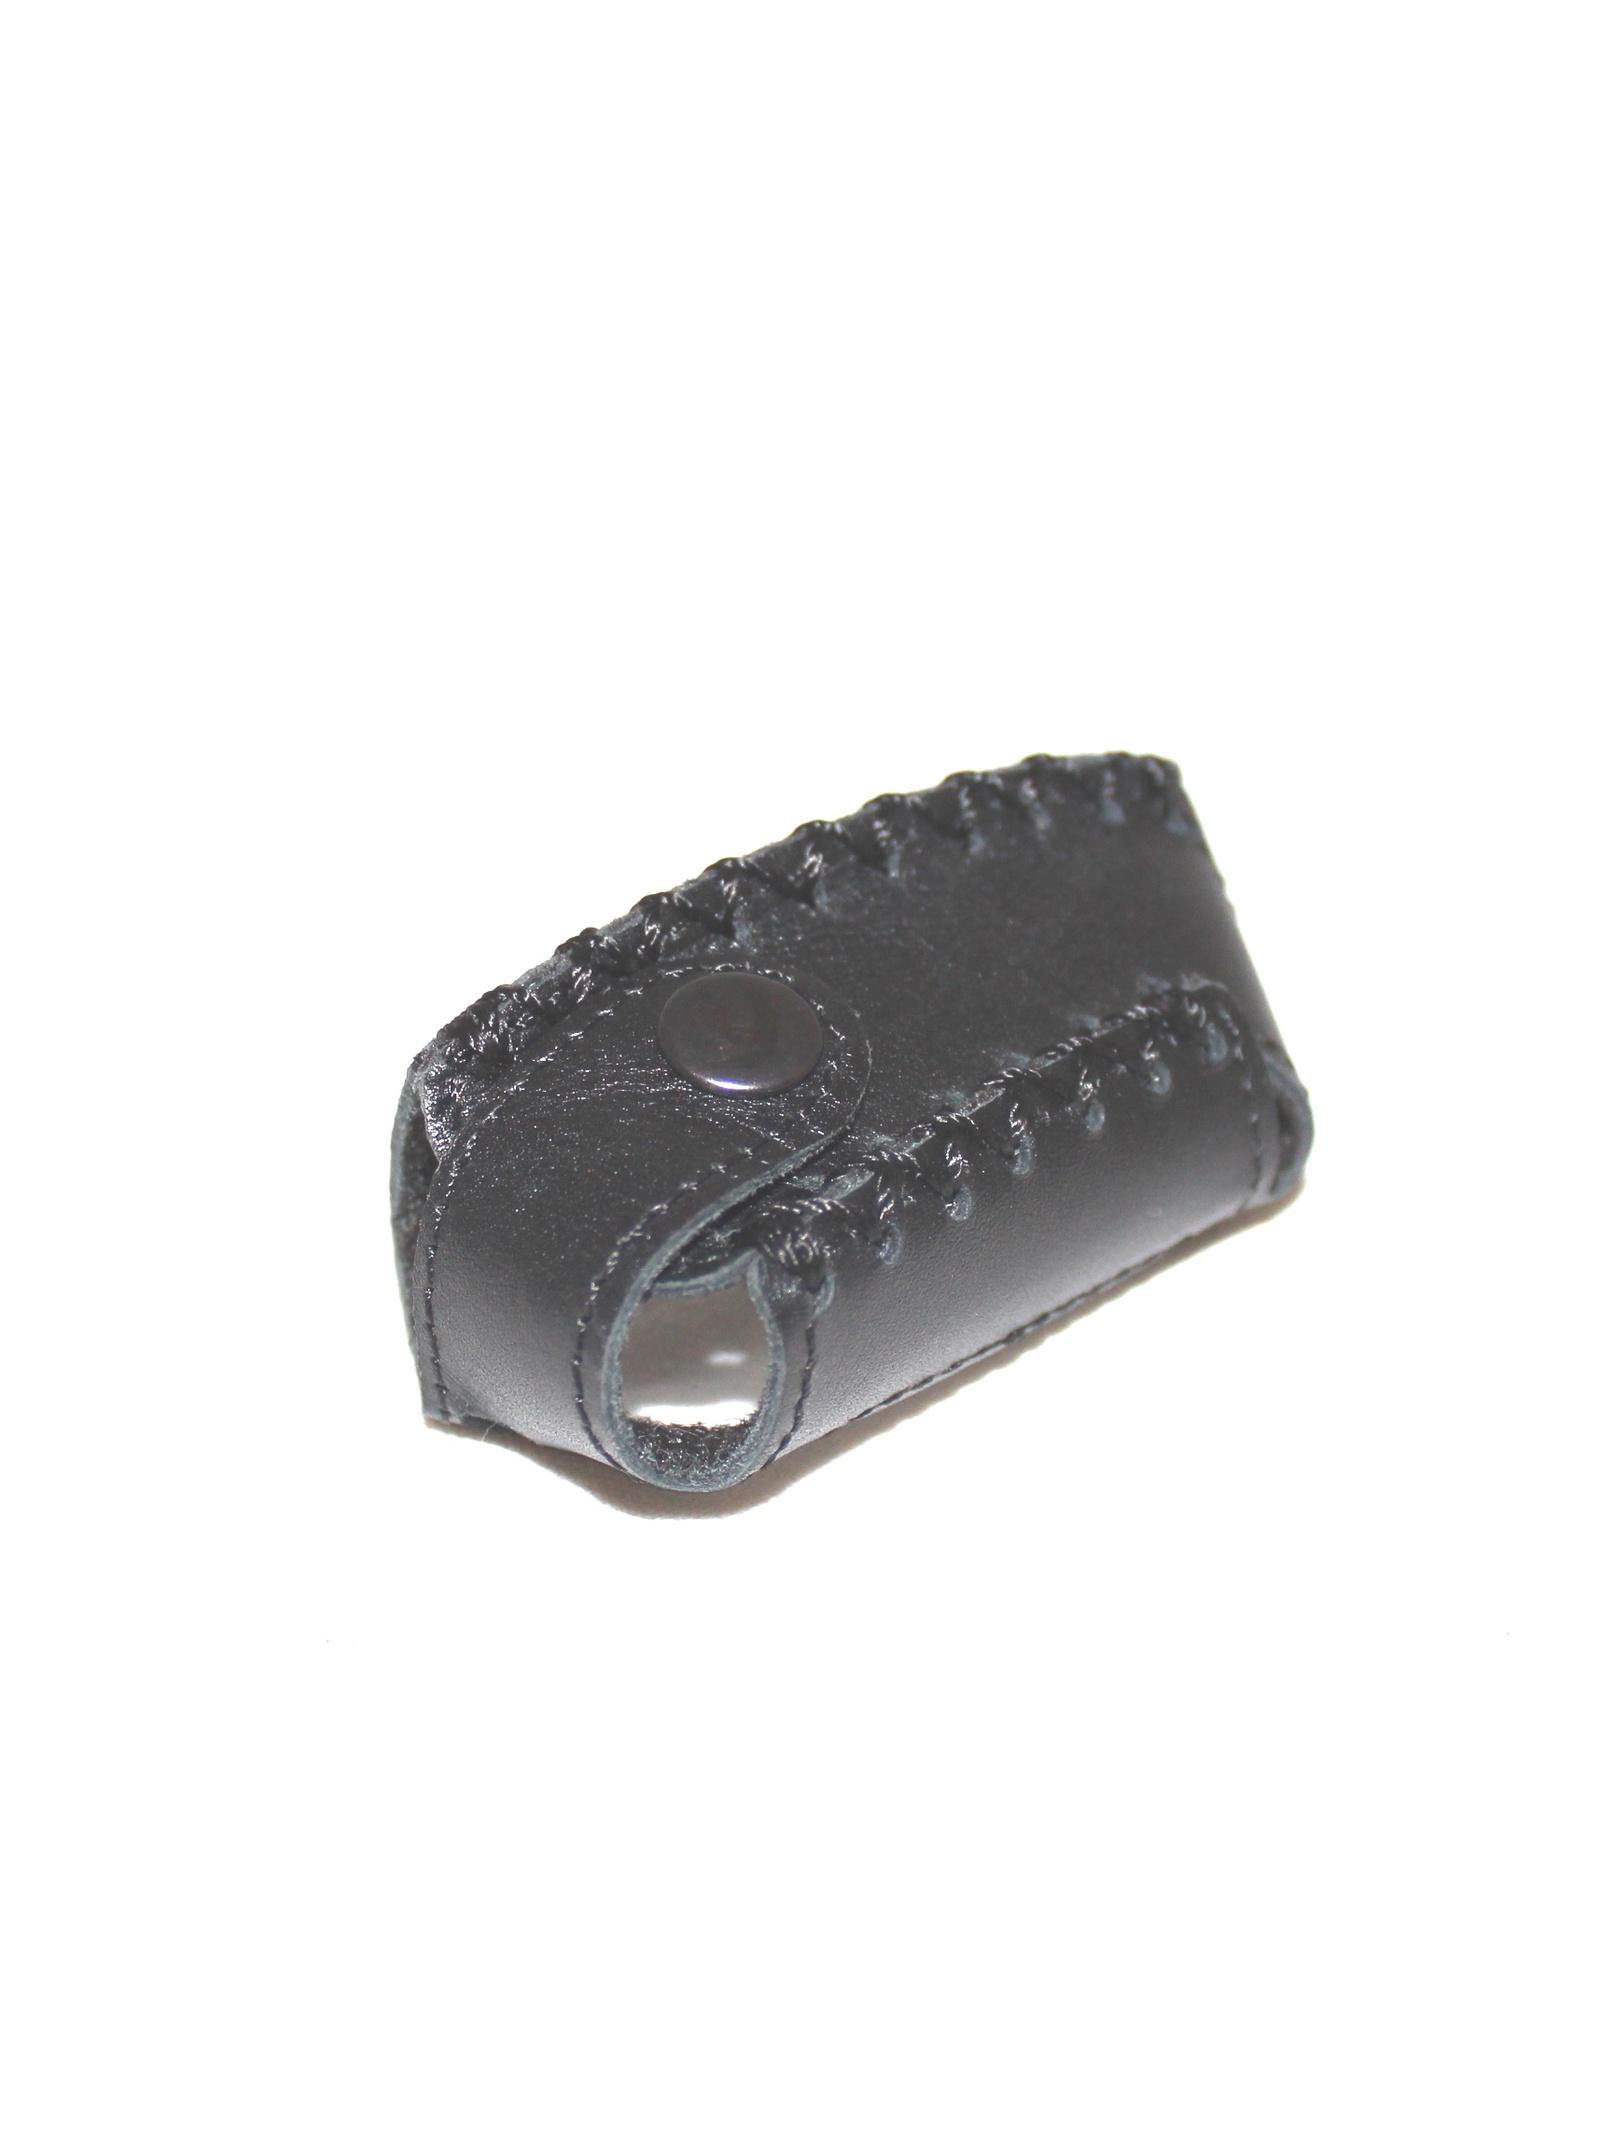 Чехол для автомобильного брелка Snoogy PANDORA DX-90/D010/DX-91